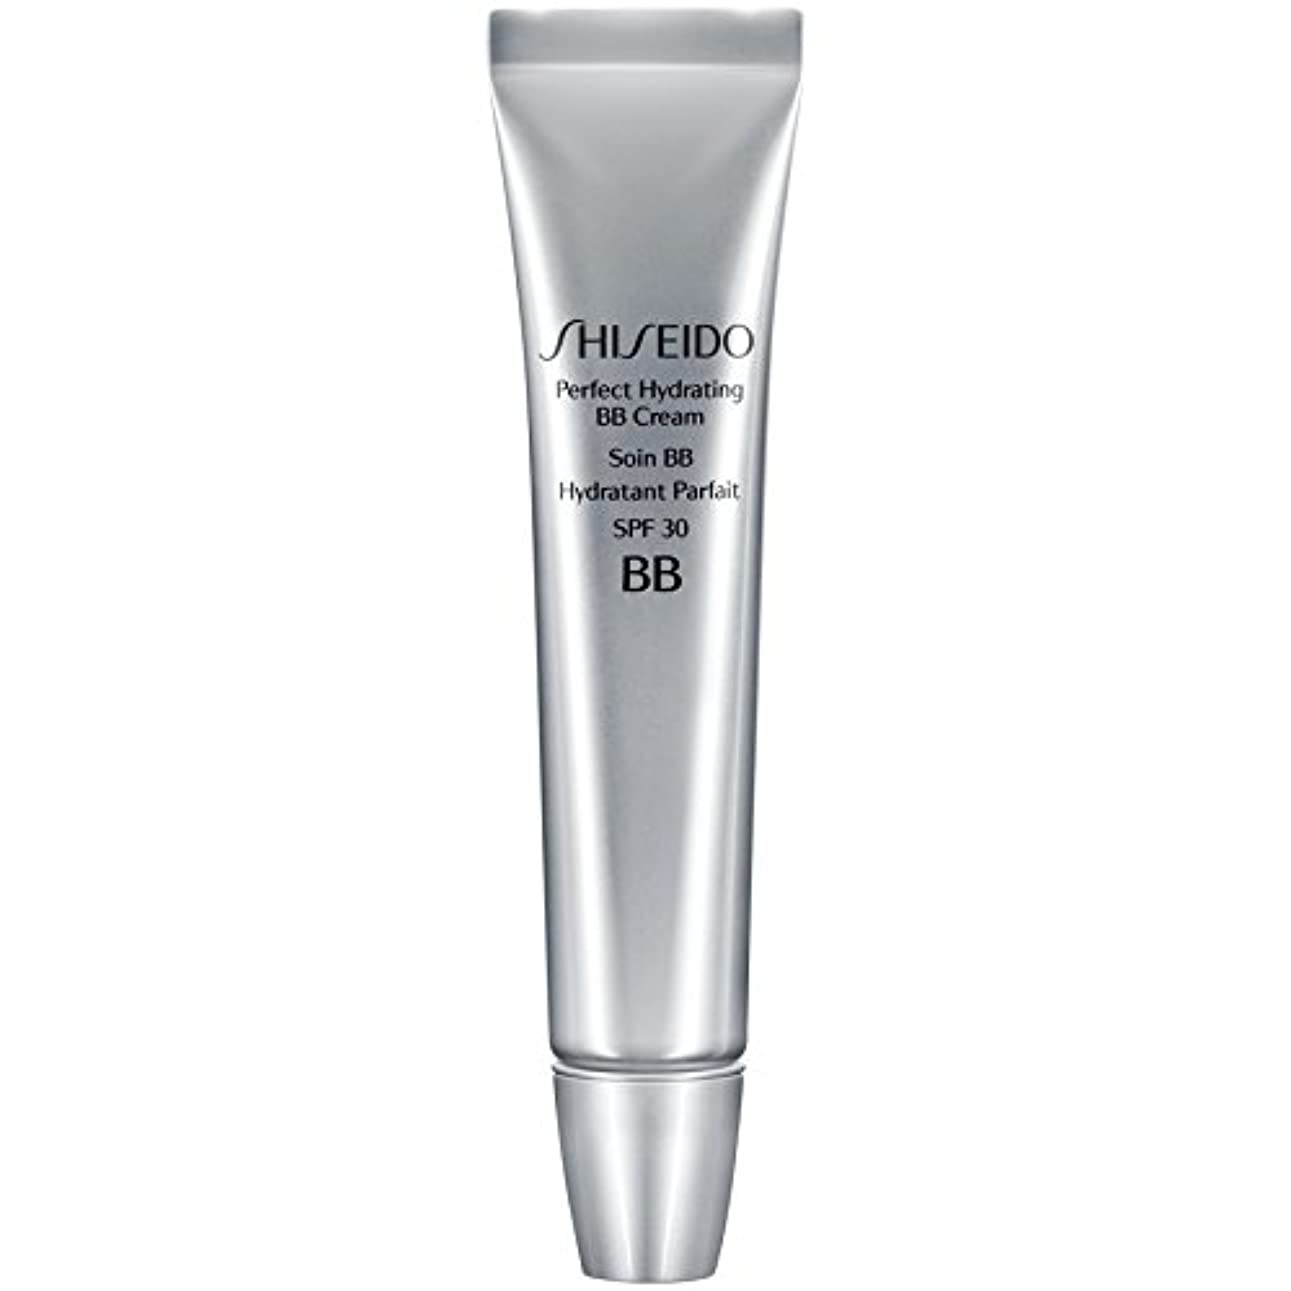 監査参照飢[Shiseido ] 資生堂完璧な水和BbクリームSpf 30 30ミリリットルの暗いです - Shiseido Perfect Hydrating BB Cream SPF 30 30ml Dark [並行輸入品]